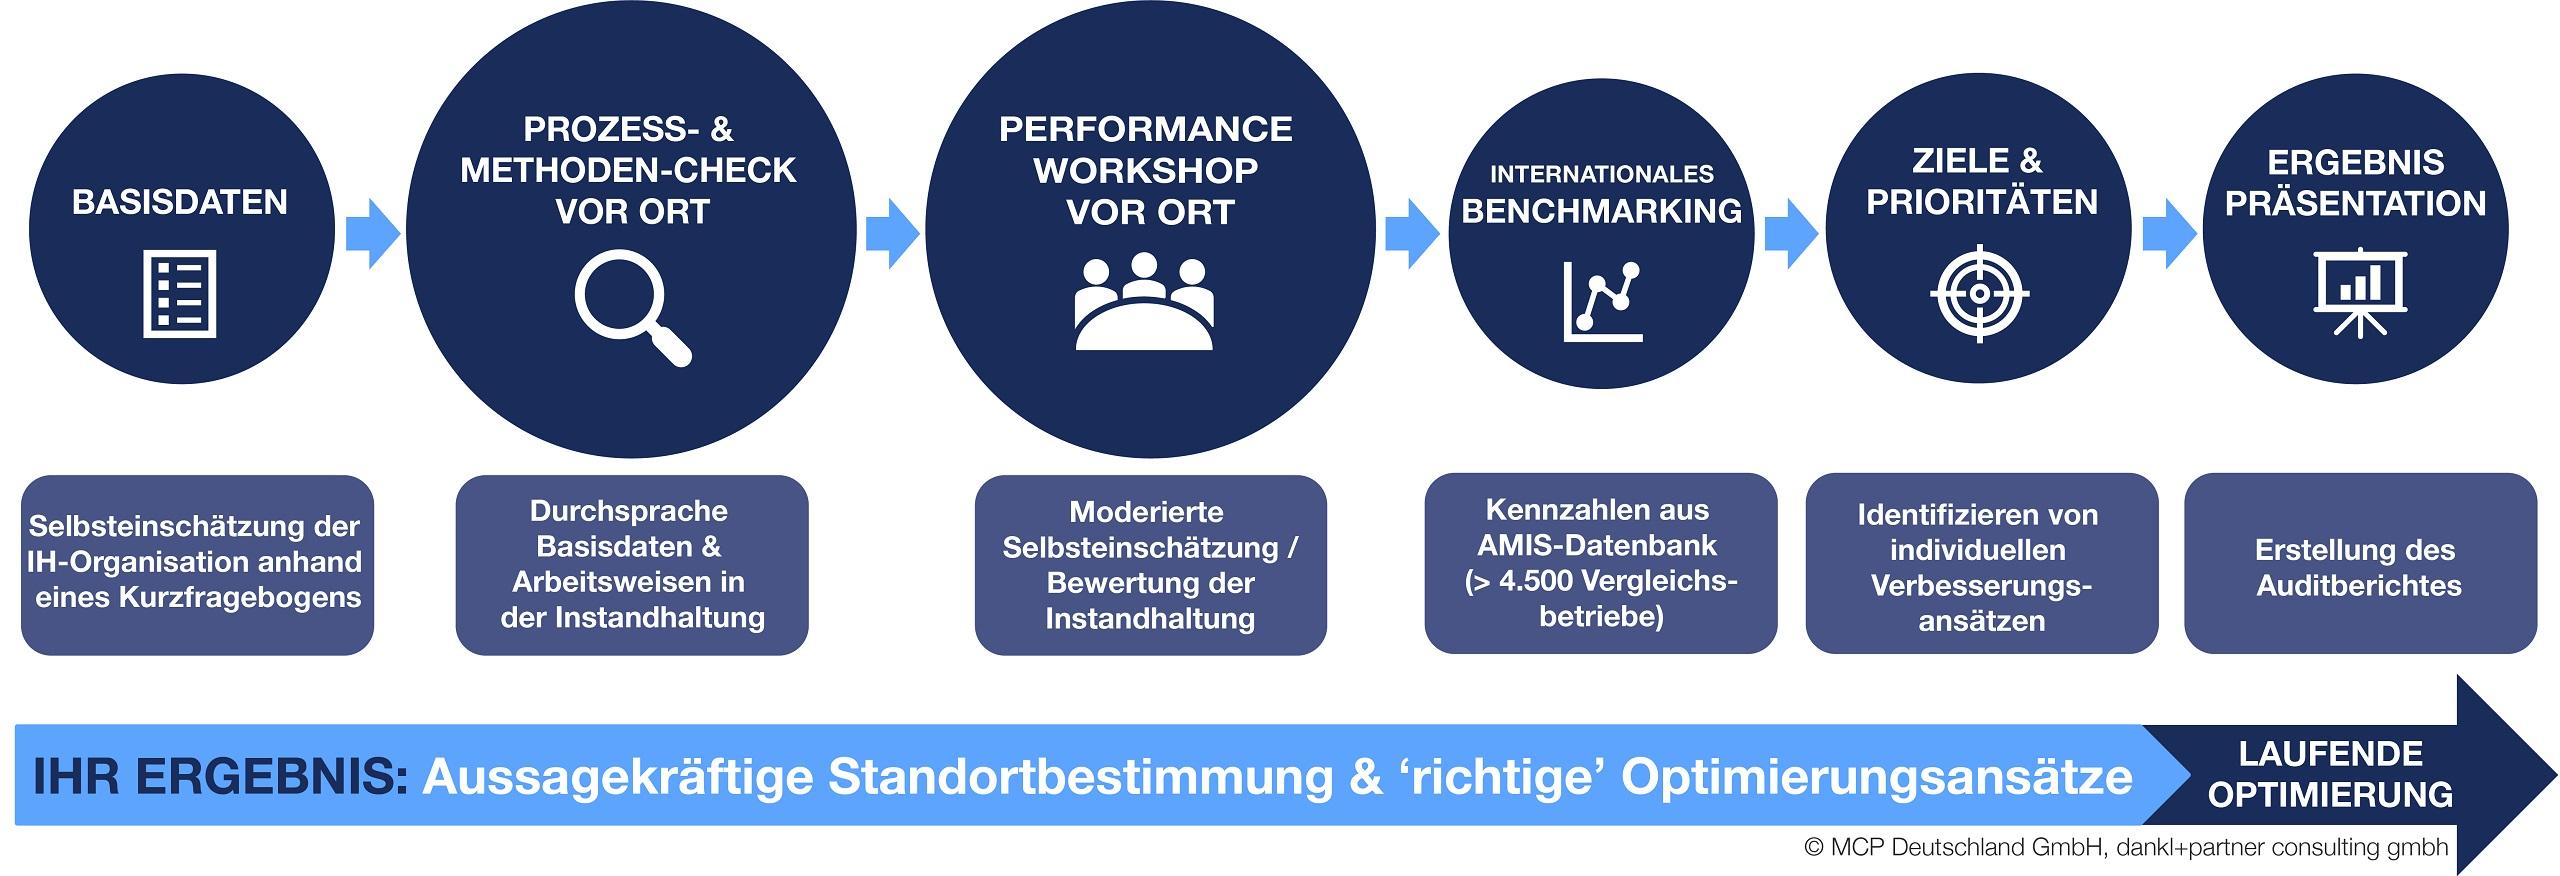 Bewertung der Instandhaltung mit Performance Check